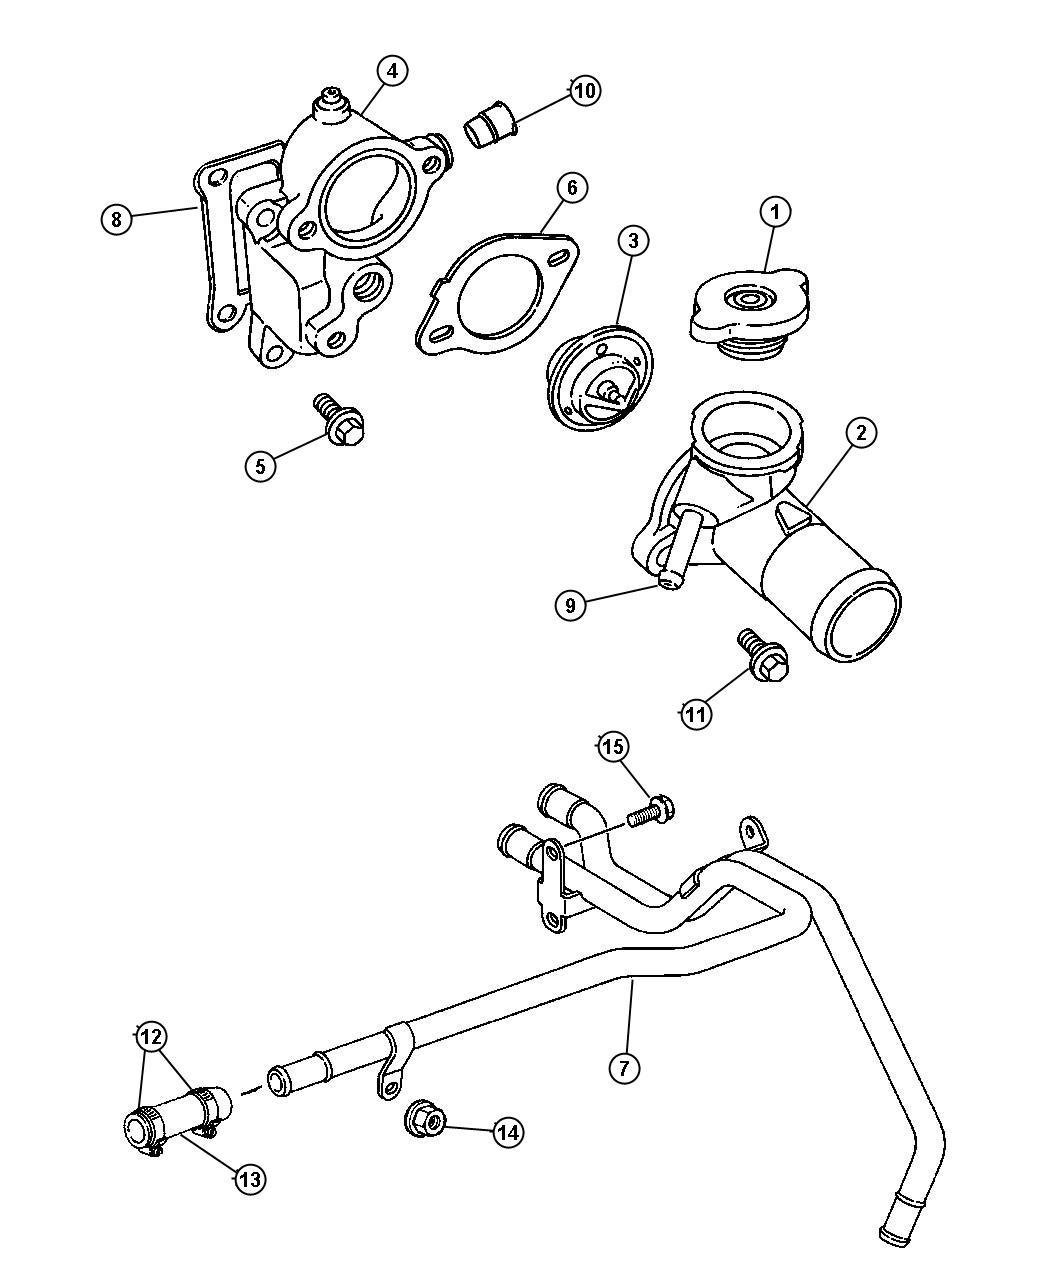 1985 buick riviera vacuum diagram